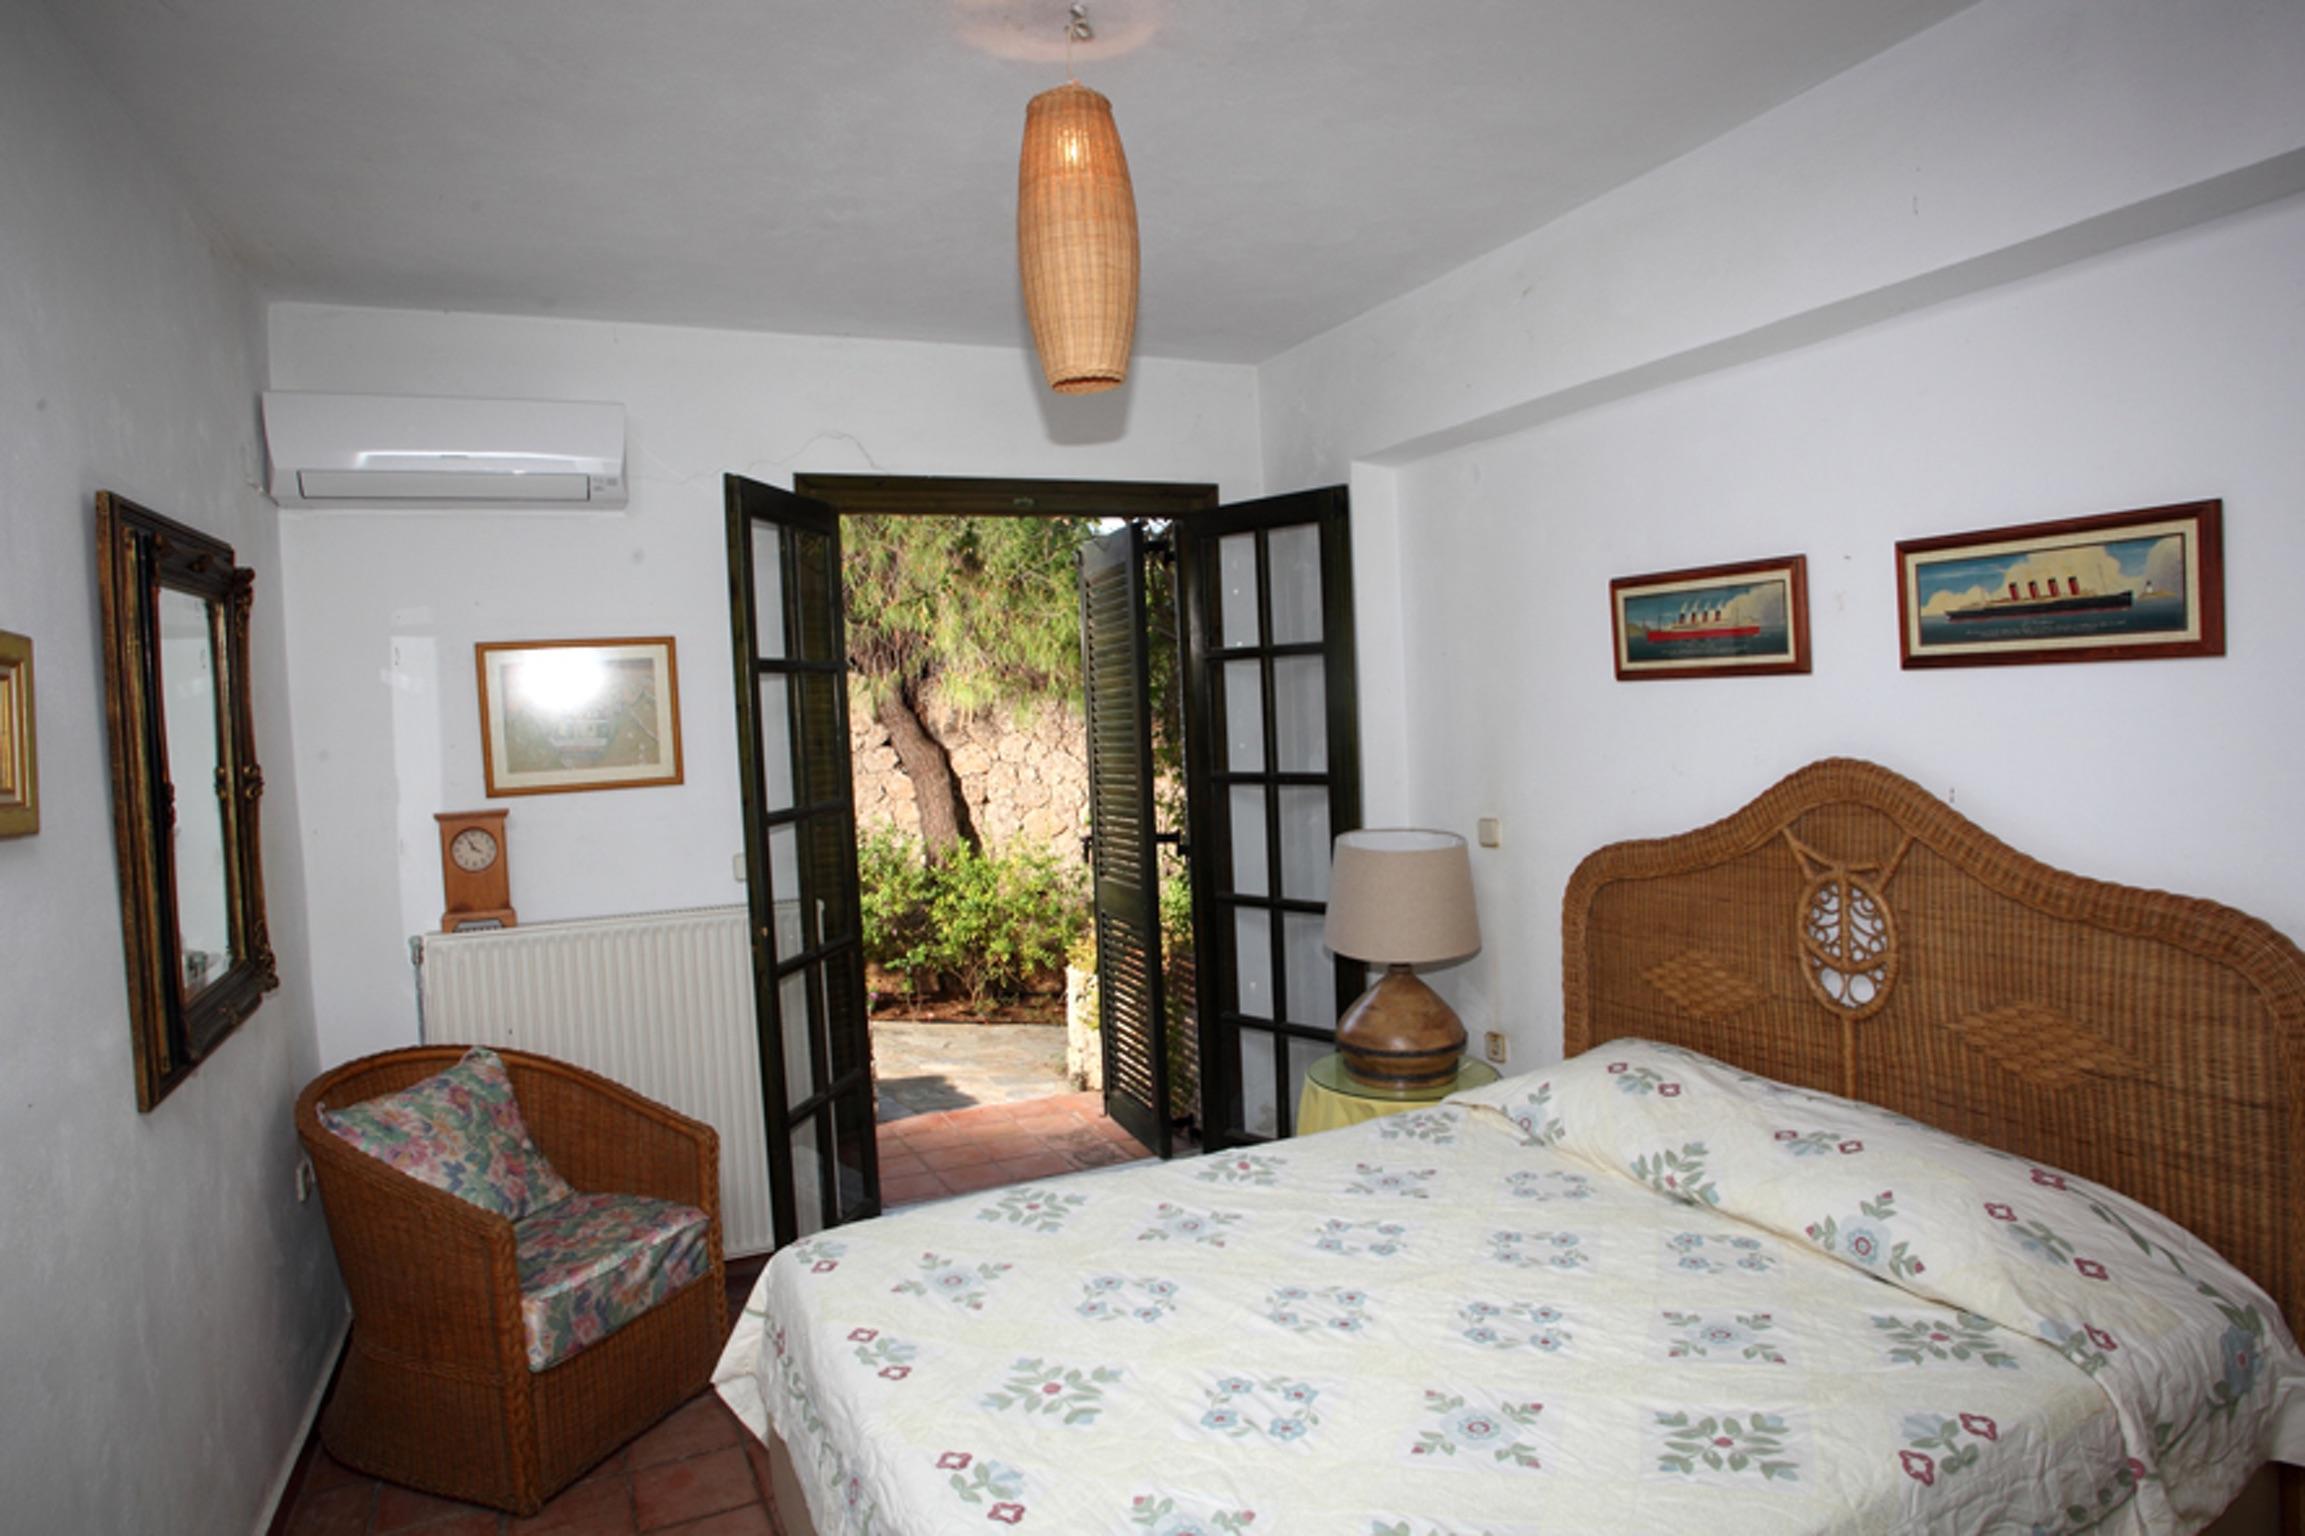 Ferienhaus Villa mit 4 Zimmern in Kosta mit herrlichem Meerblick, privatem Pool, eingezäuntem Garten  (2271451), Kosta (GR), , Peloponnes, Griechenland, Bild 11